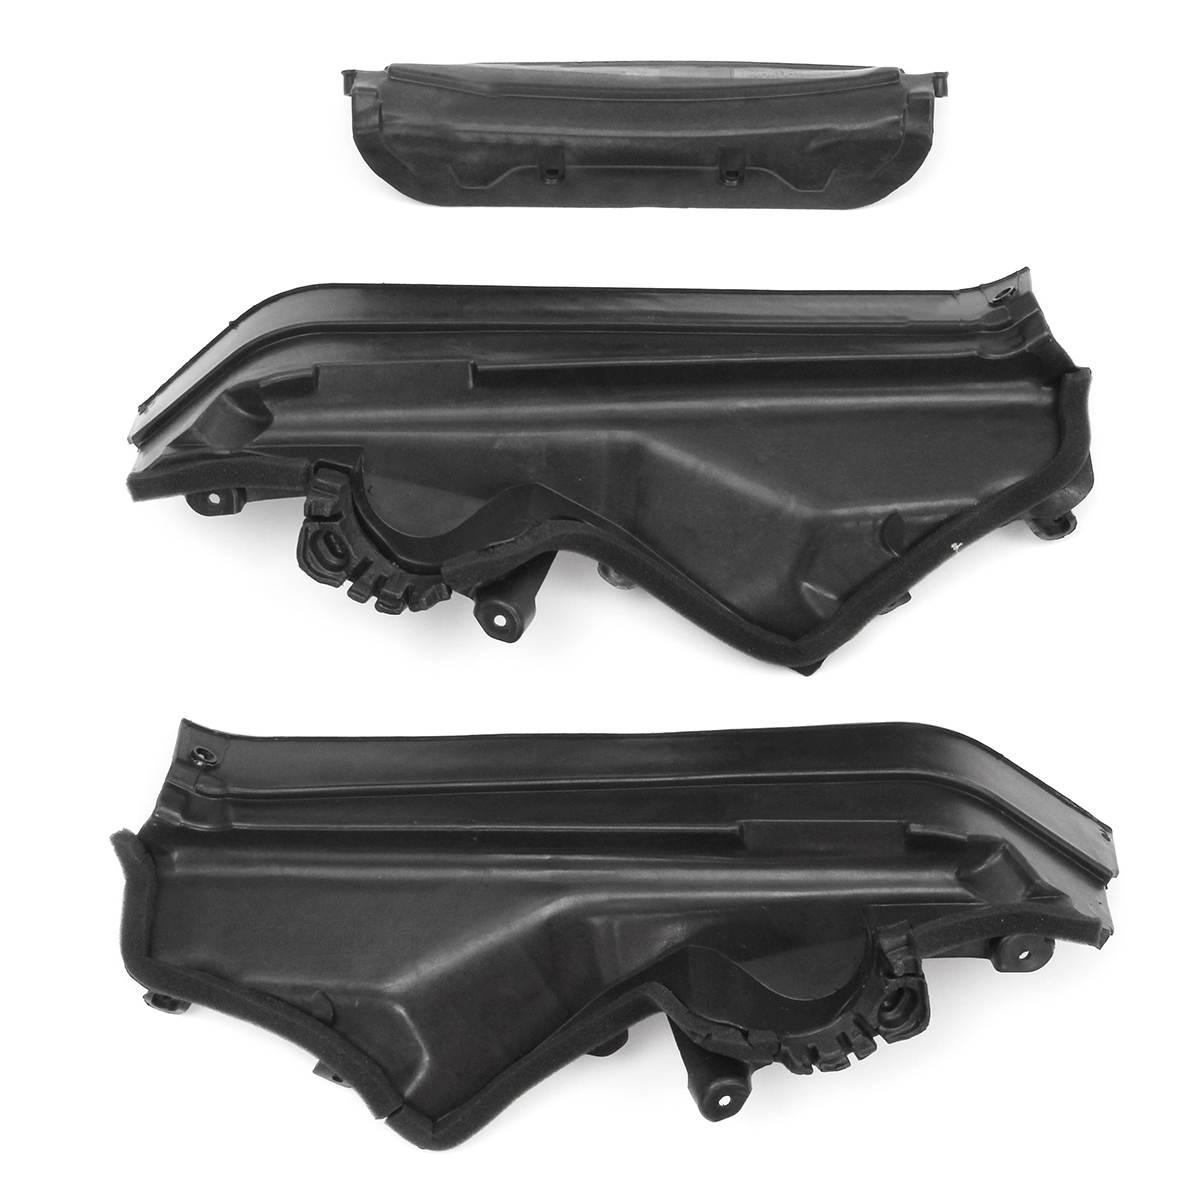 High Quality 3pcs Car Engine Upper Compartment Partition Panel Set For BMW X5 X6 E70 E71 E72 51717169419 51717169420 51717169421